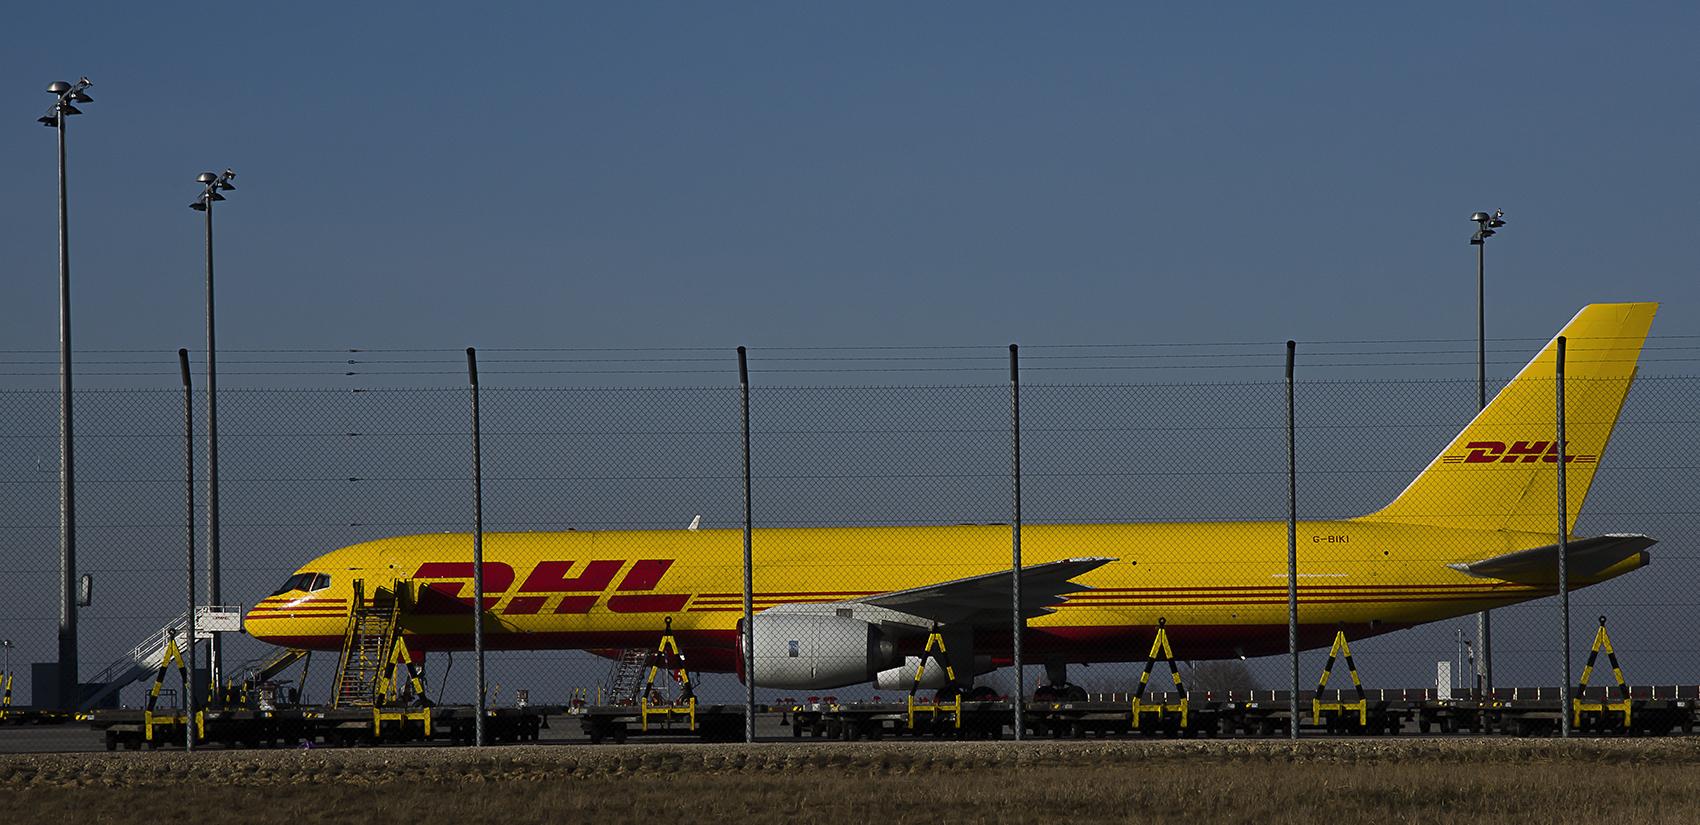 Dhl Hub Leipzig Foto Bild Luftfahrt Cargomaschinen Verkehr